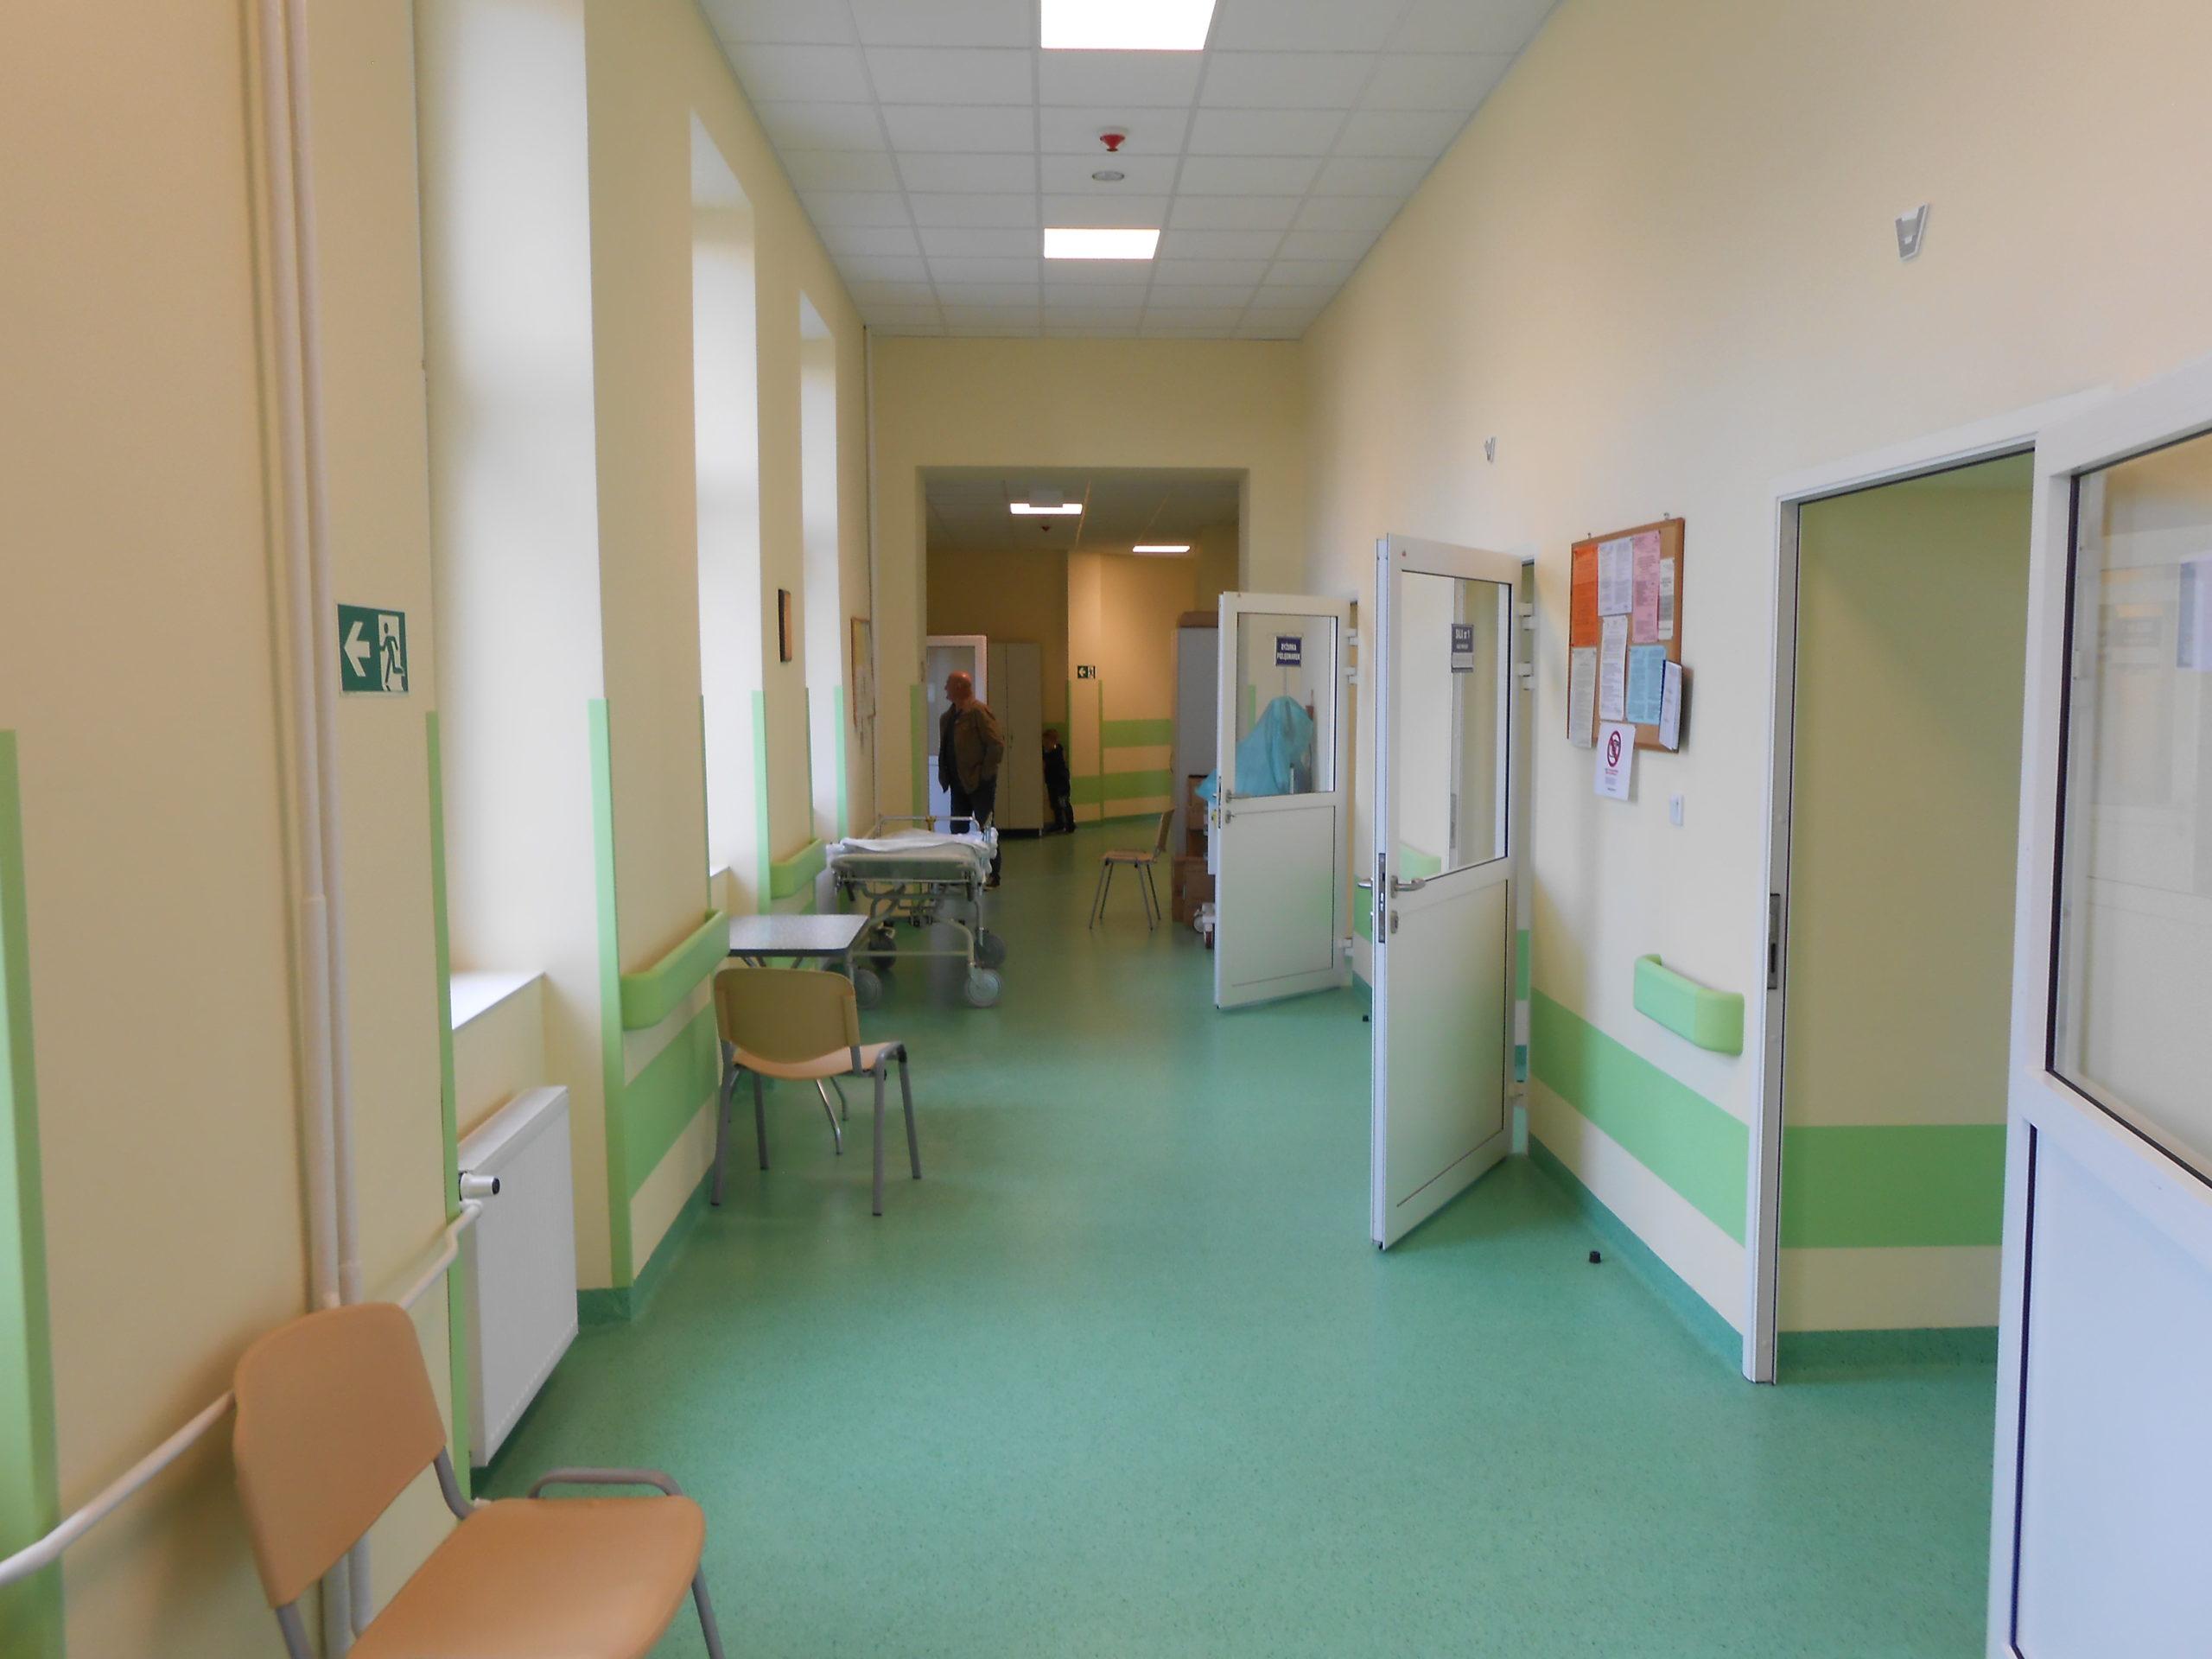 Odnowione korytarze - zielone wykładziny na posadzkach oraz zielone listwy odbojowe